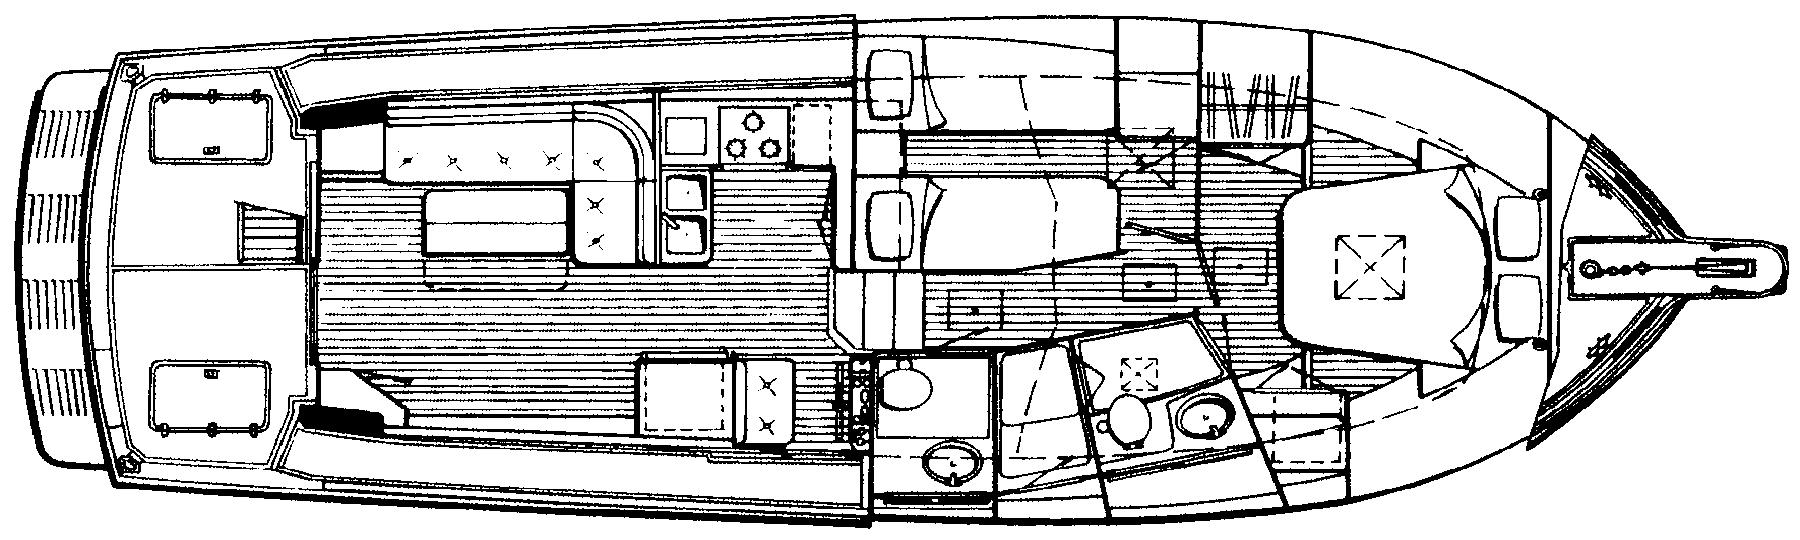 40 Explorer Floor Plan 1